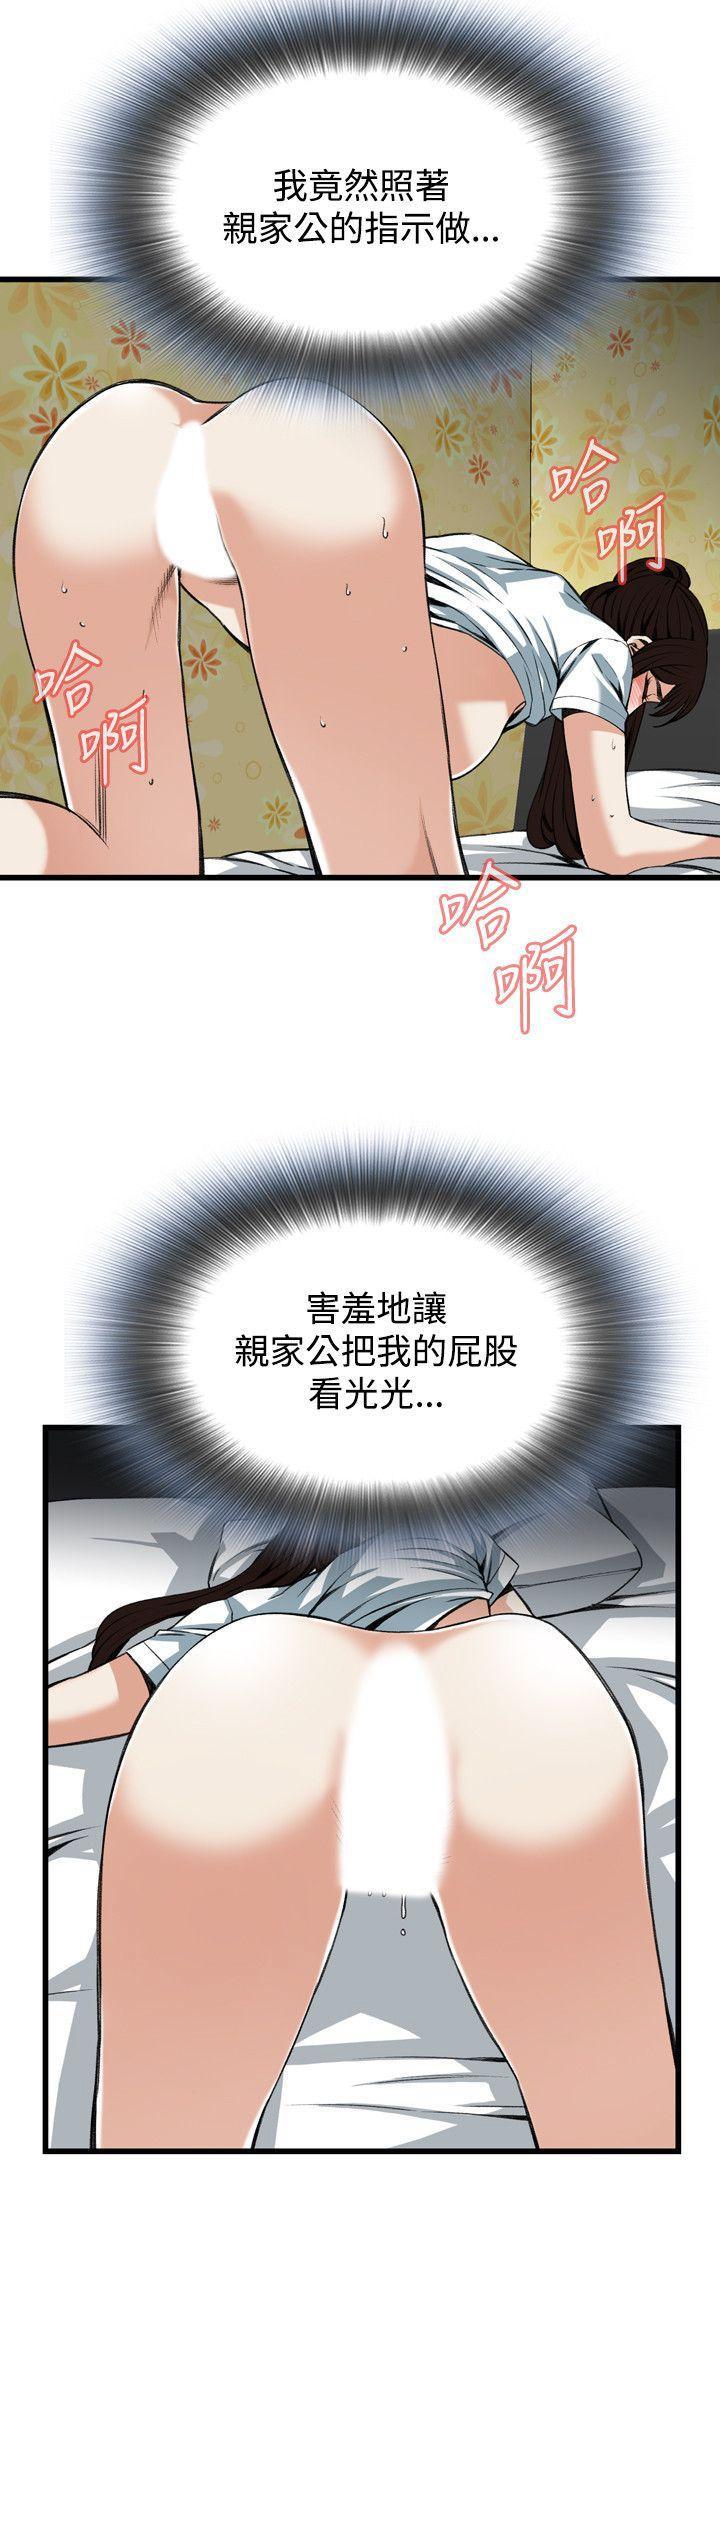 偷窥72-93 Chinese Rsiky 440